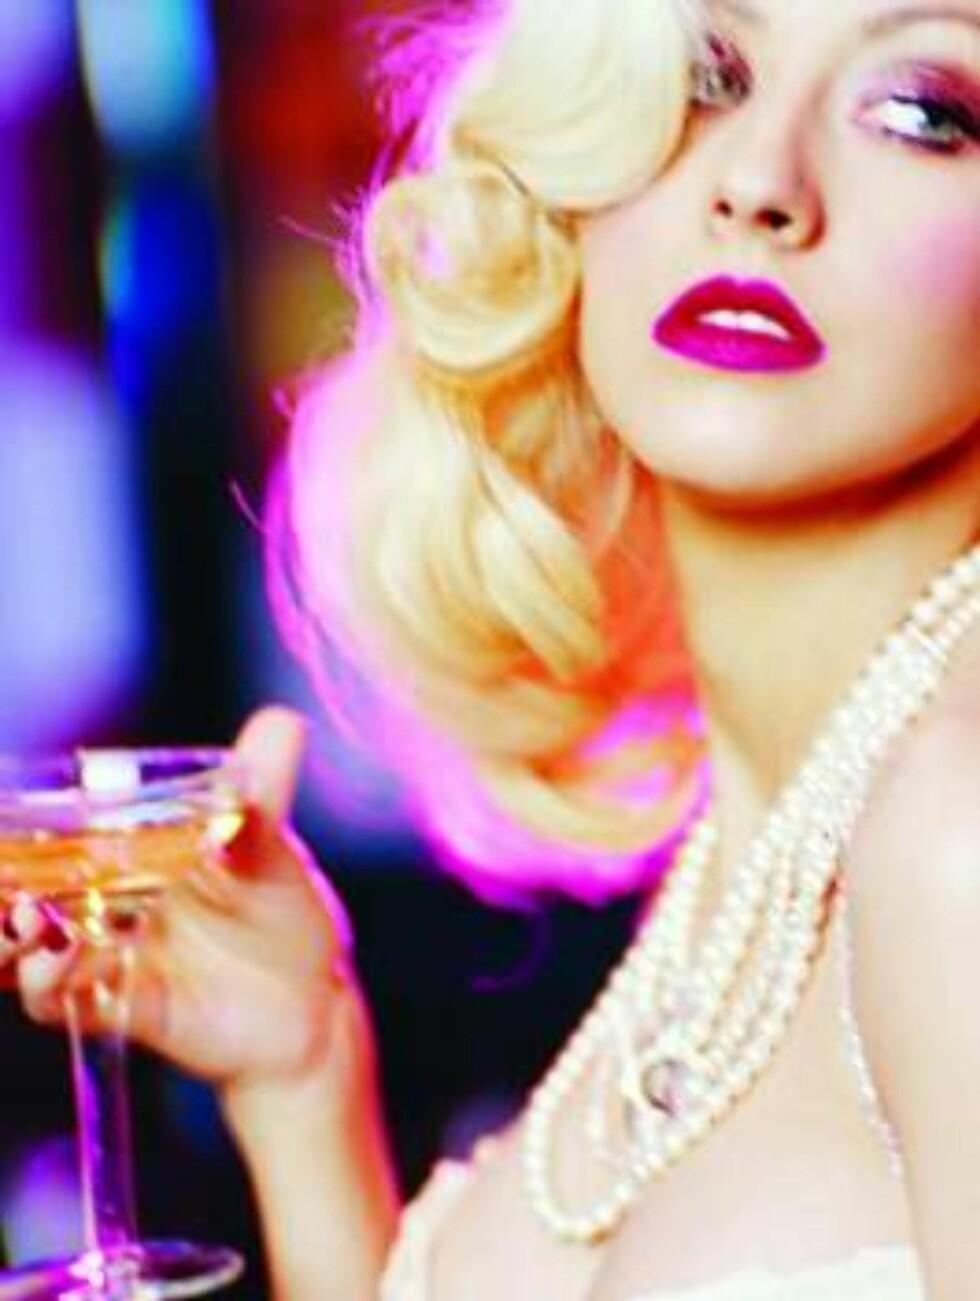 FORANDRET: Christina Aguilera hevder at ekteskapet og morsrollen har forandret hennes klesstil.  Foto: Stella Pictures